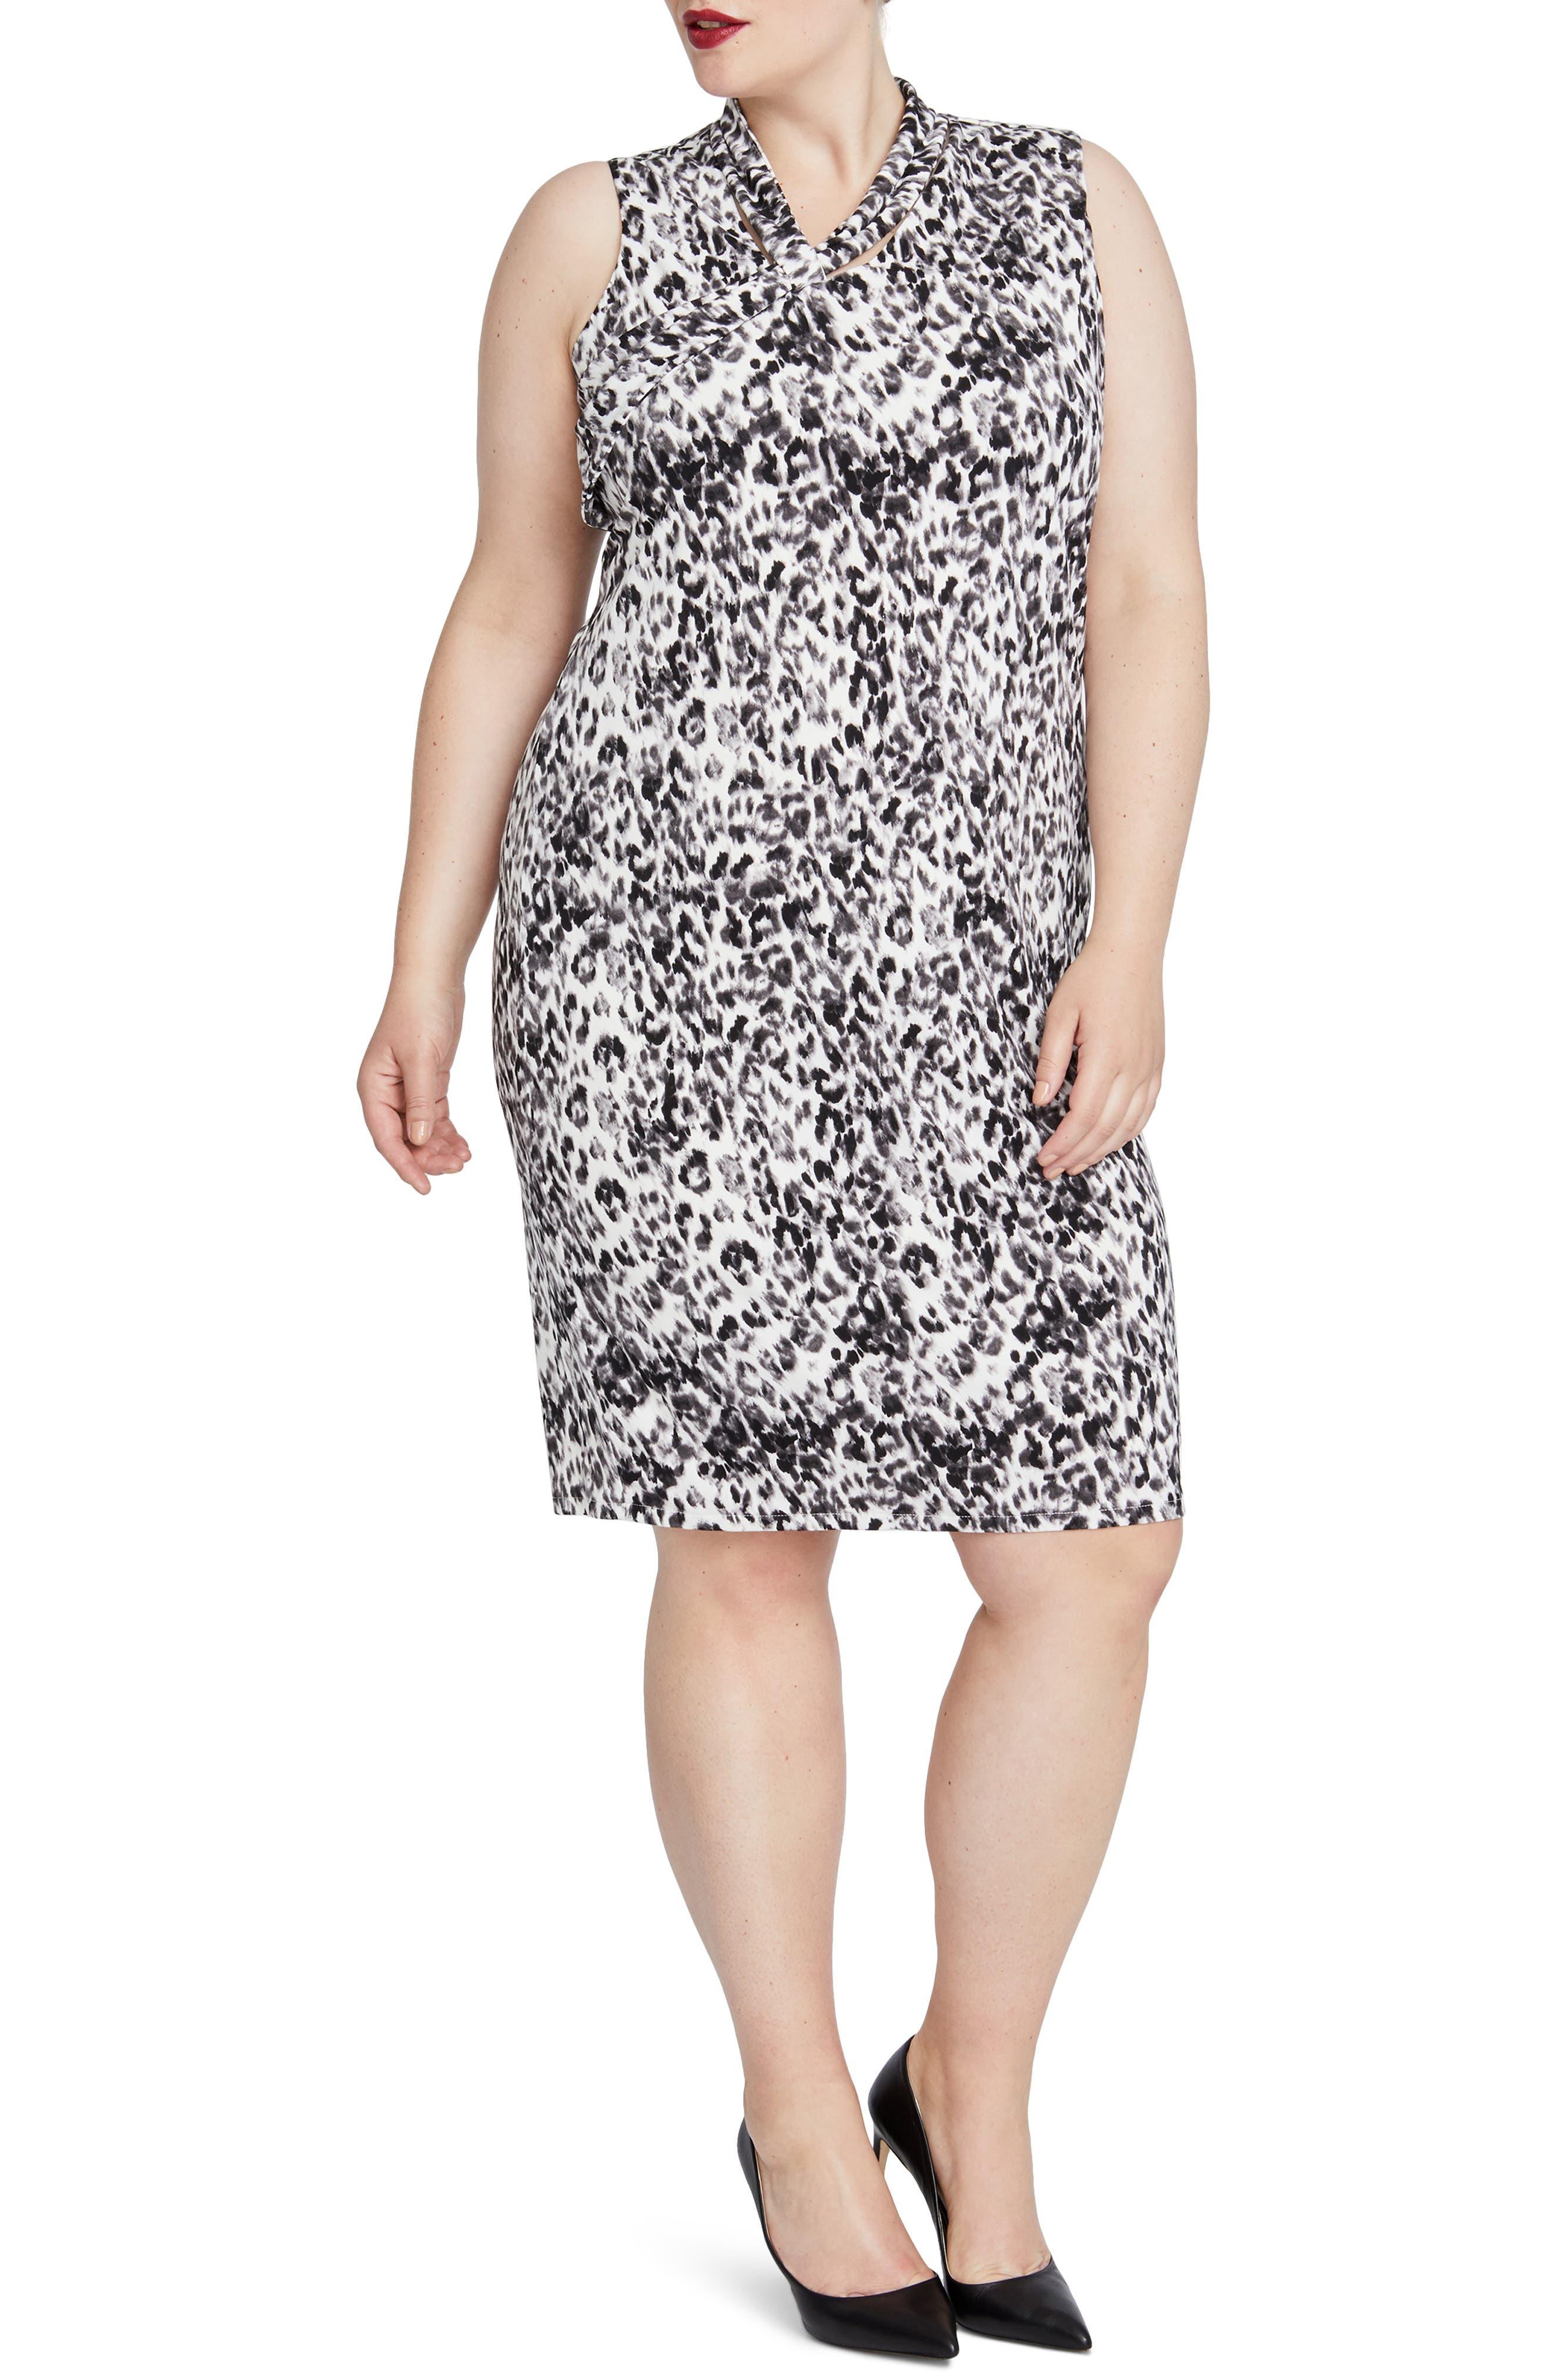 Plus Size Rachel Rachel Roy Axel Leopard Print Dress, Black